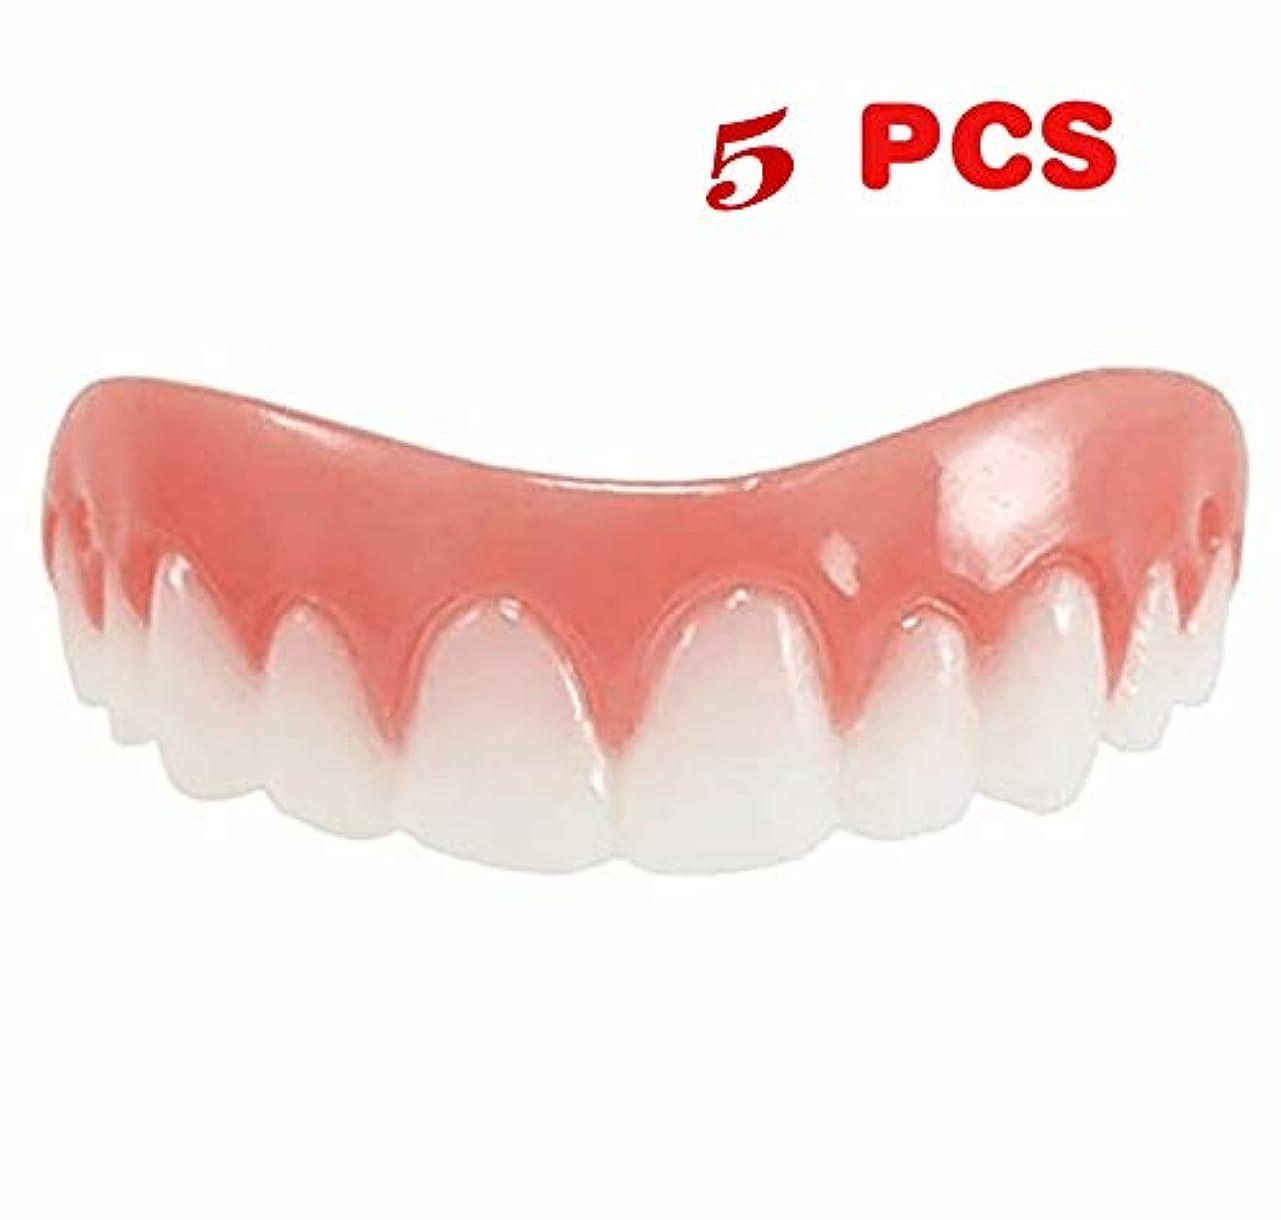 構成するシンジケート貢献新しい再利用可能な大人のスナップオンパーフェクトスマイルホワイトニング義歯フィットフレックス化粧品歯快適なベニアカバーデンタルケアアクセサリー